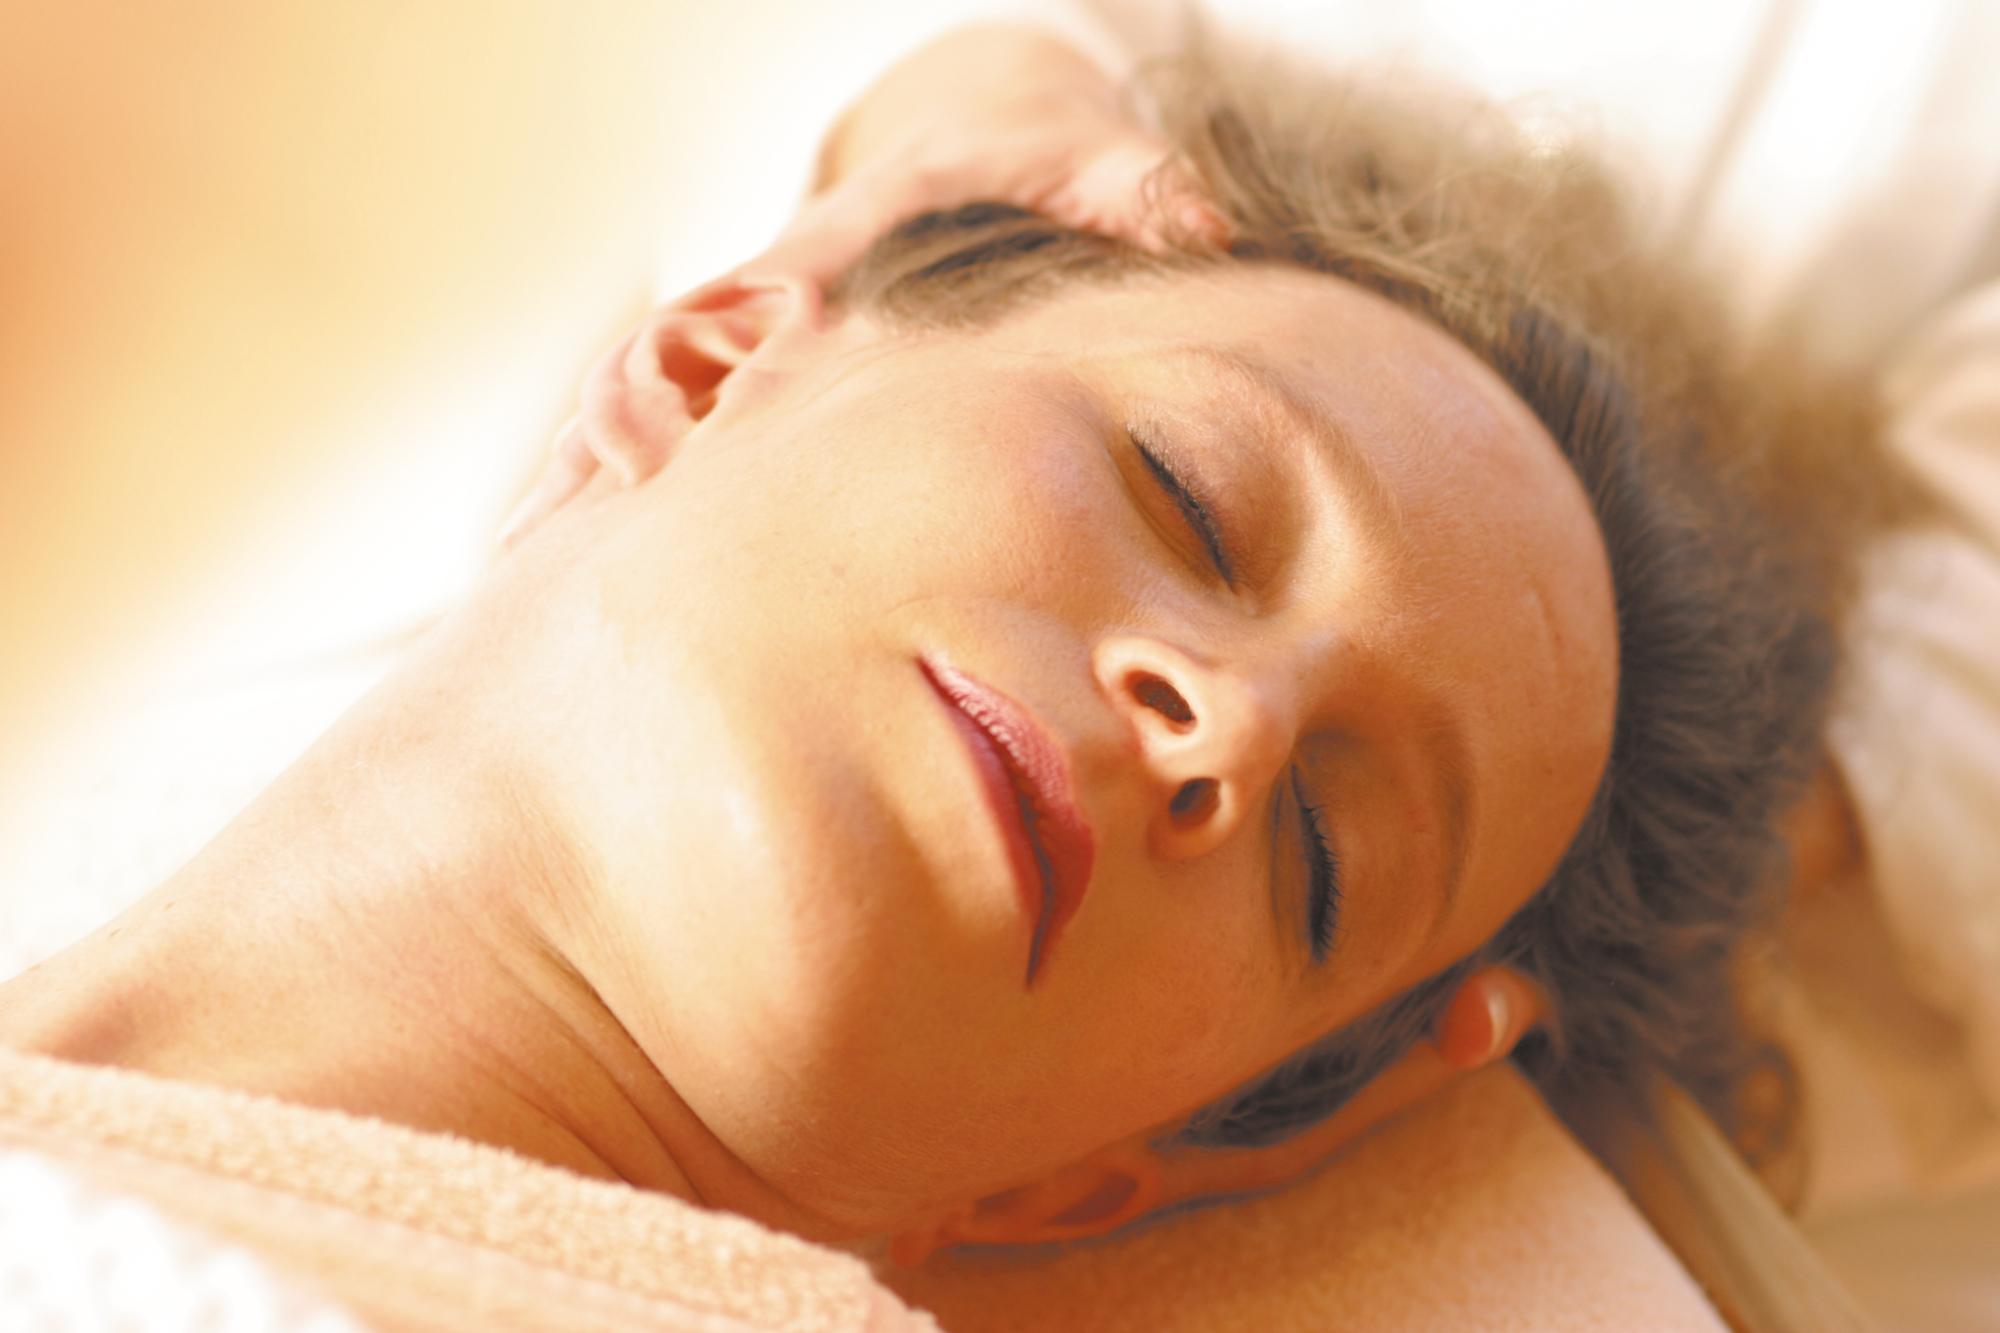 facial_neck_massage-300dpi.jpg